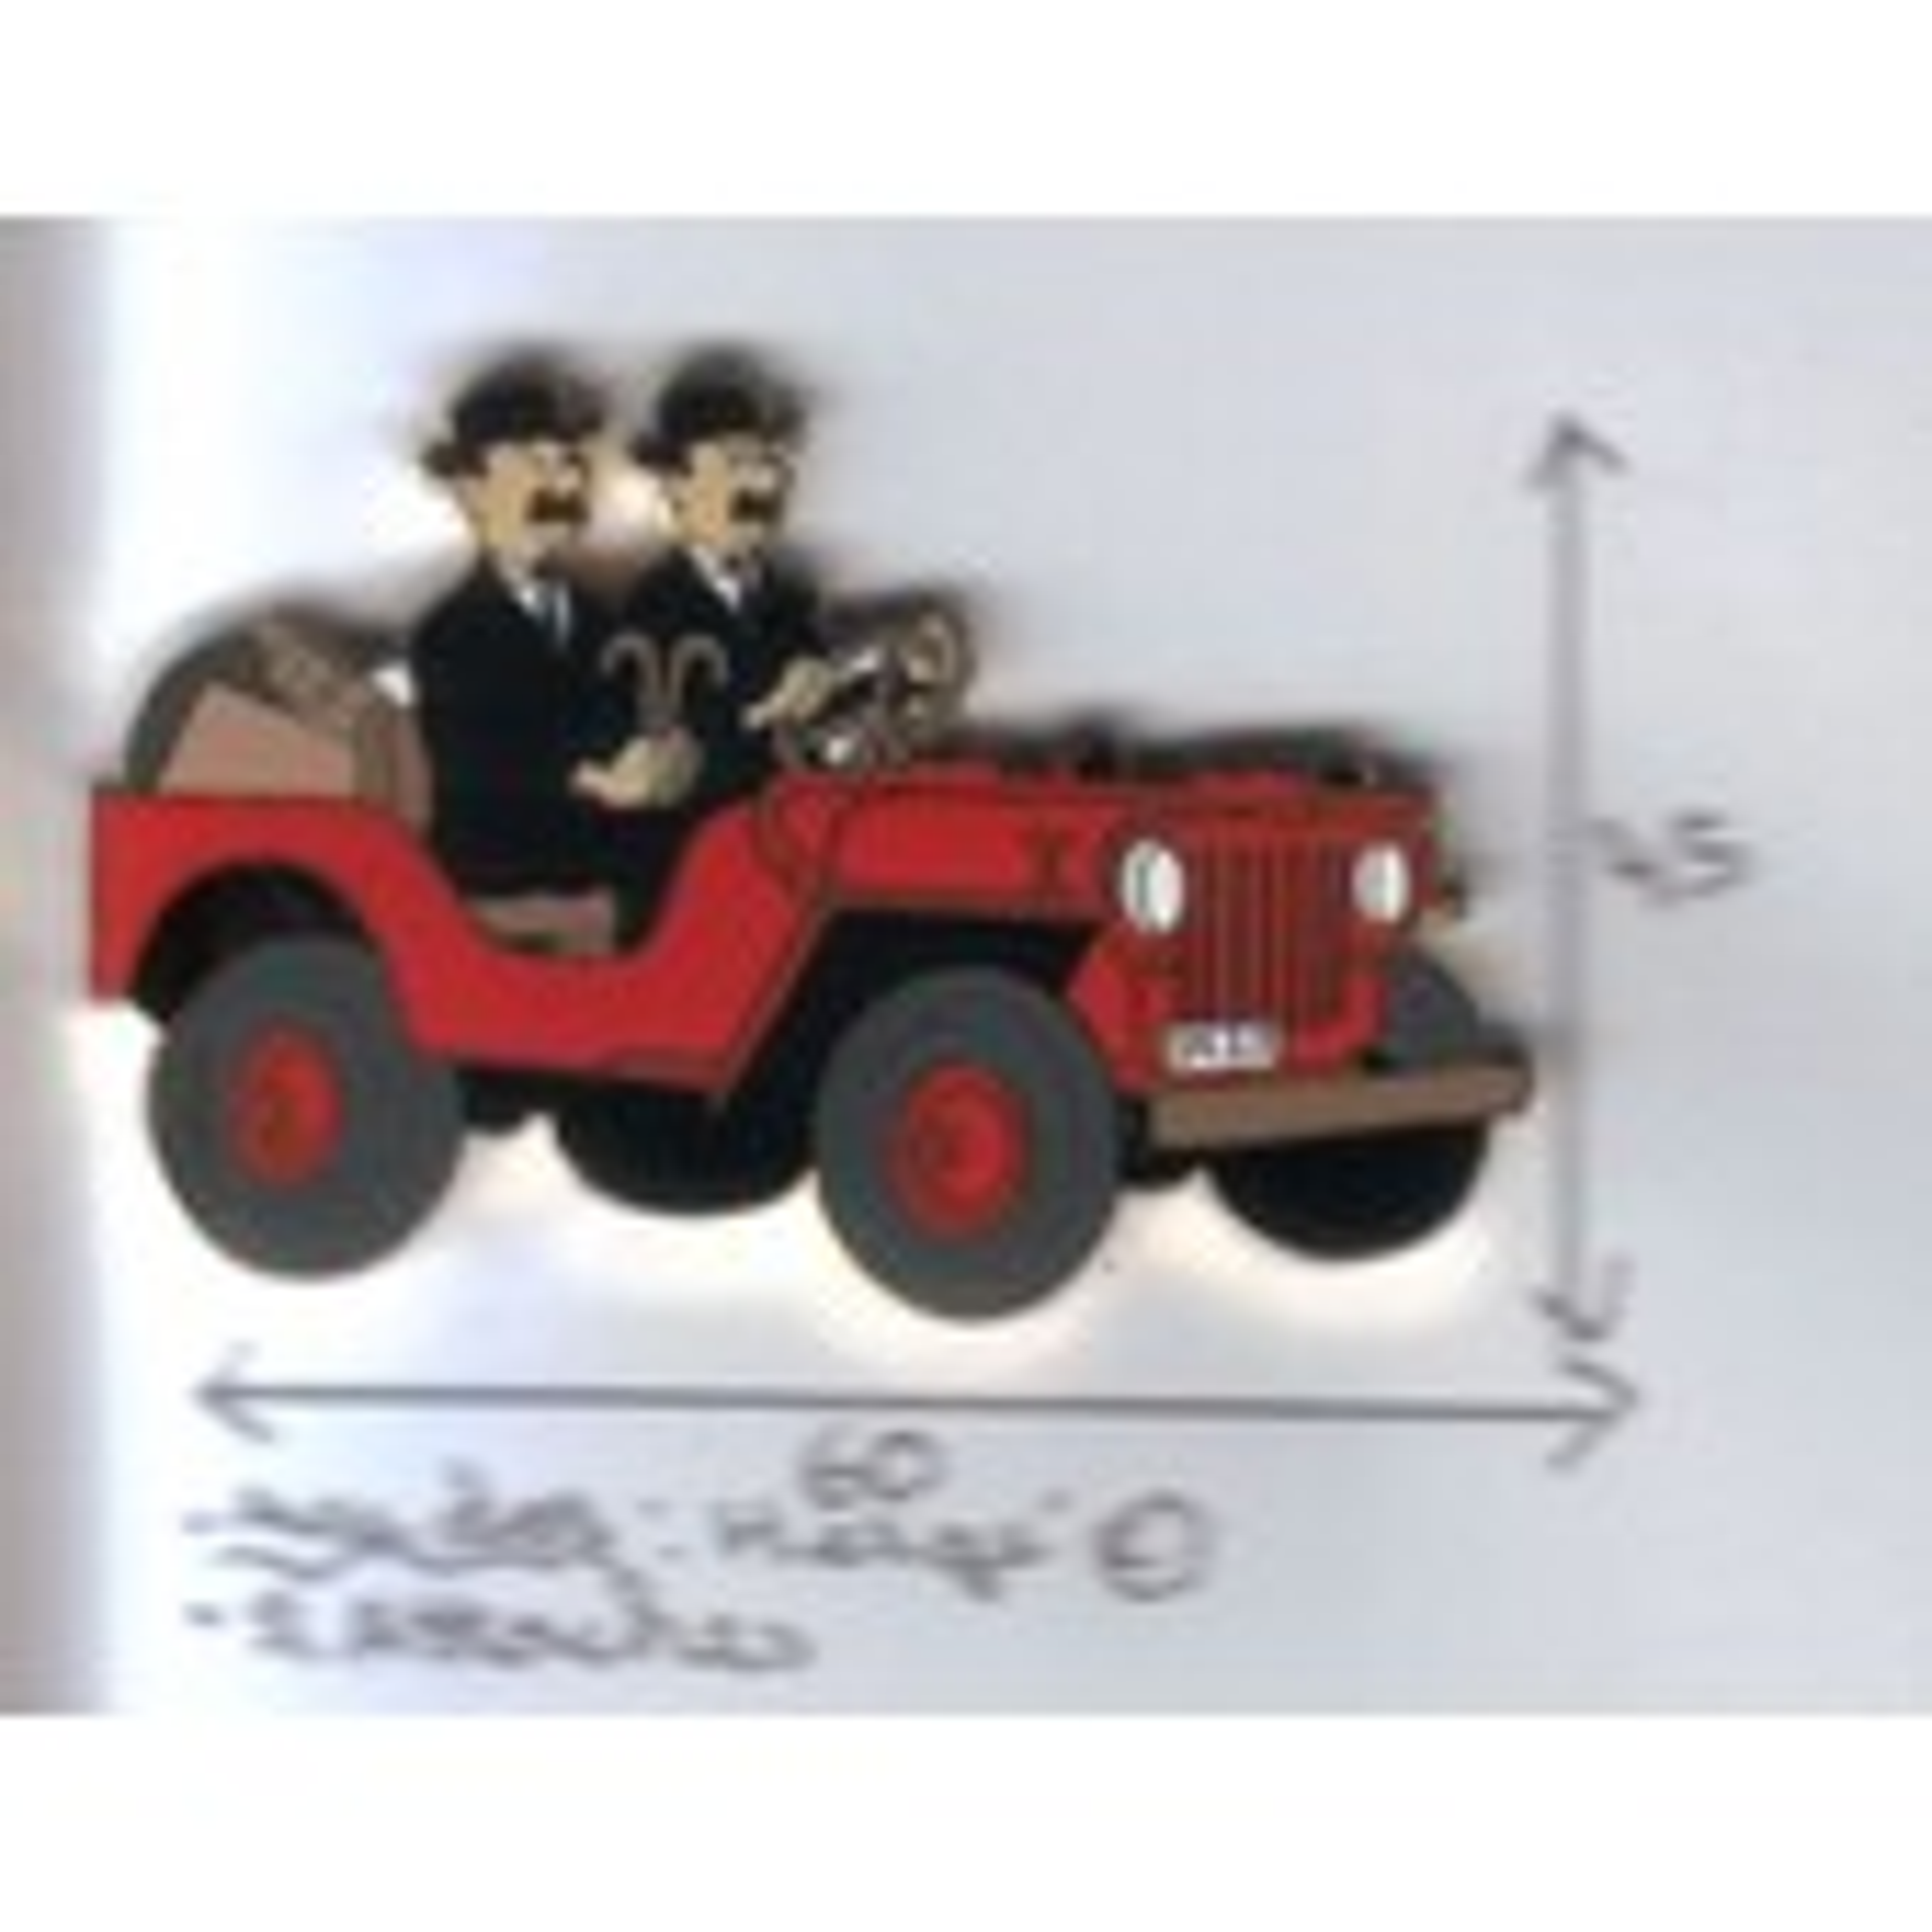 Dupons En Jeep Au Pays De L'or Noir Orn-40.4 Rouge.Or